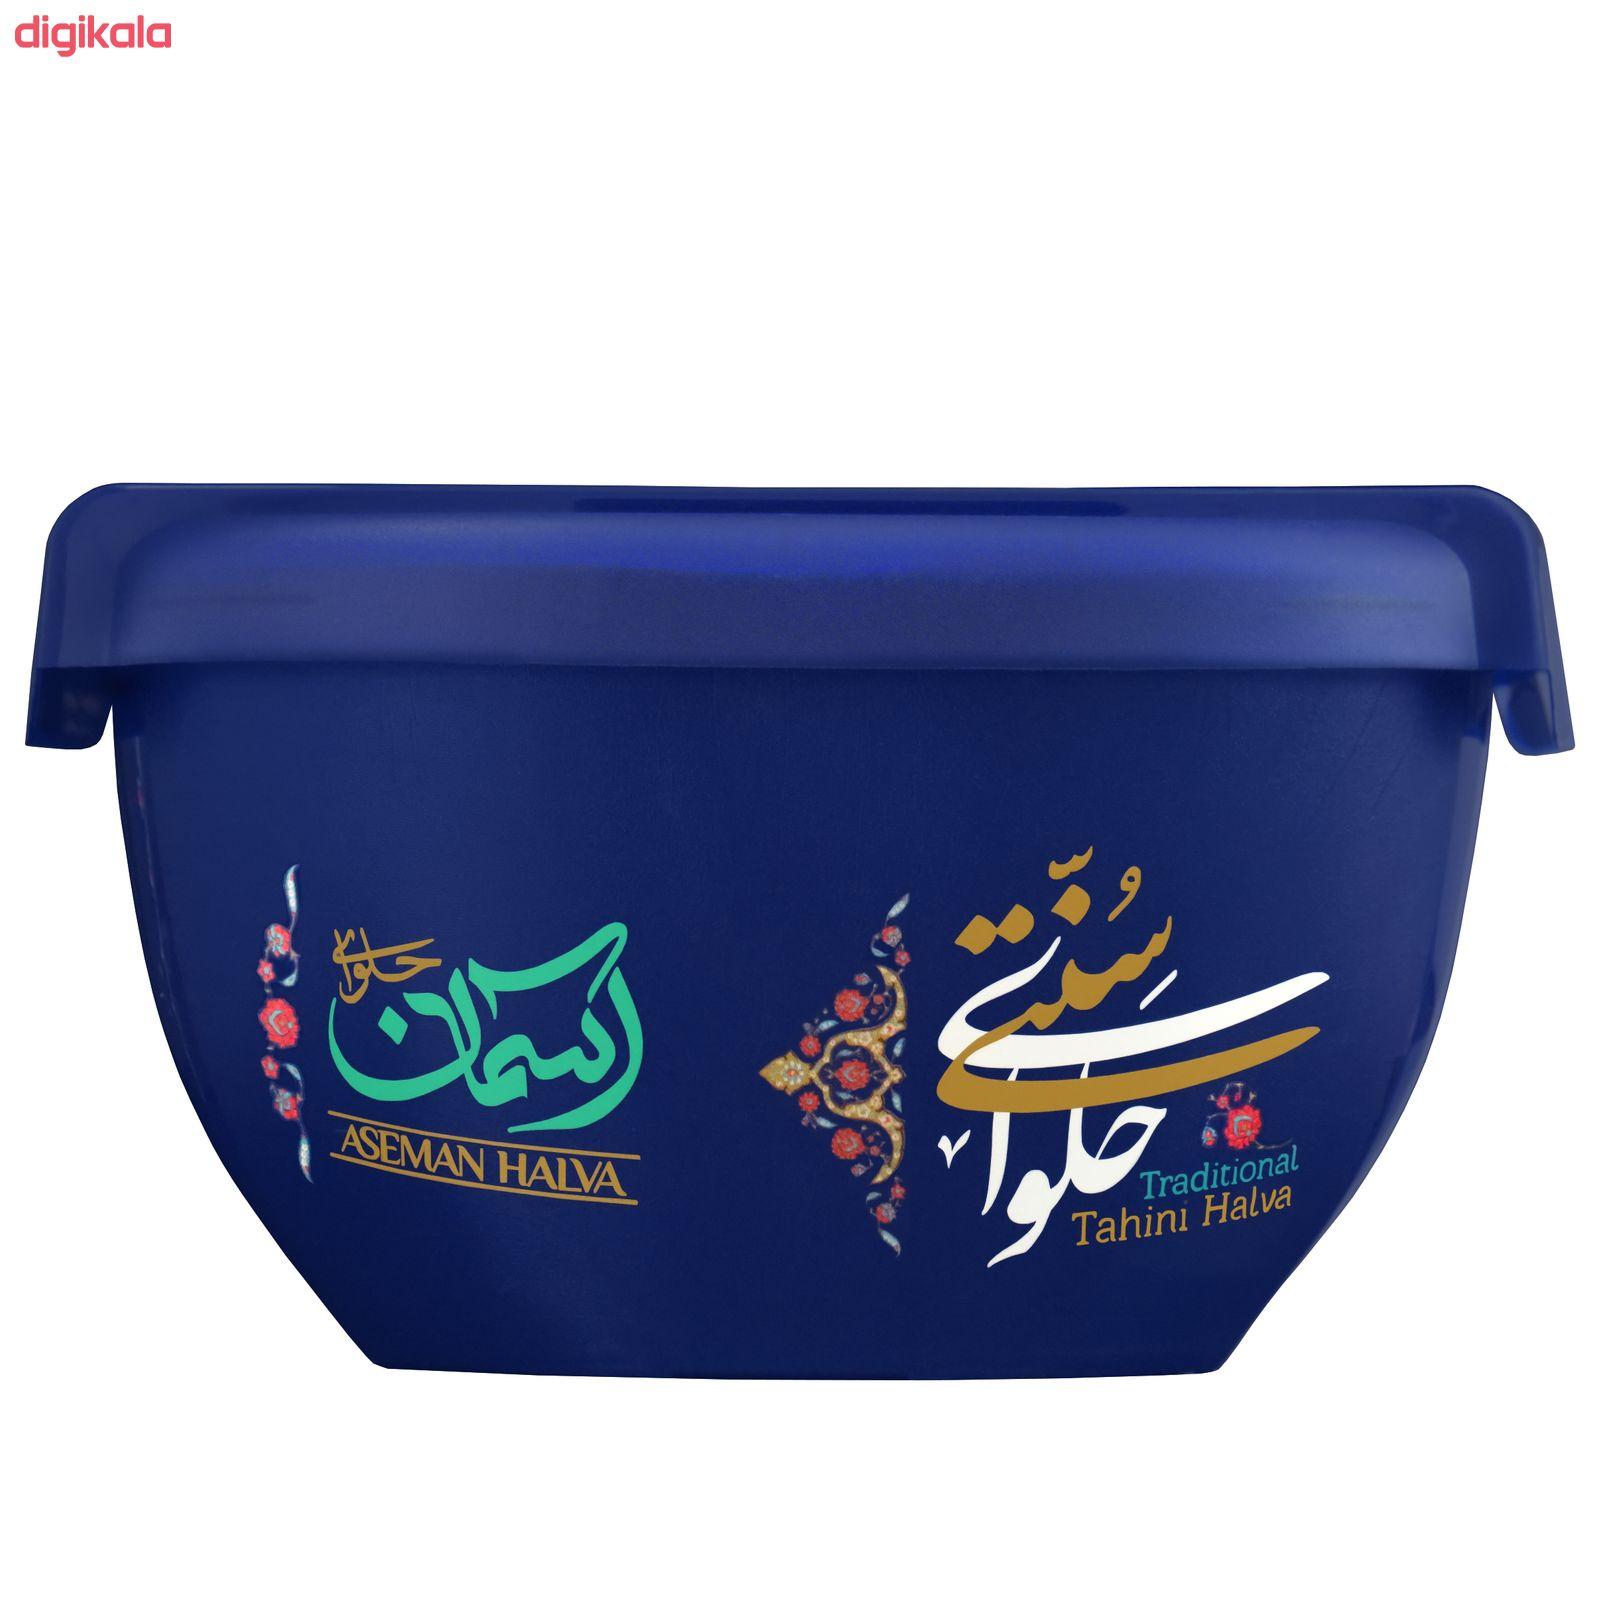 حلوا ارده سنتی آسمان - 450 گرم main 1 1